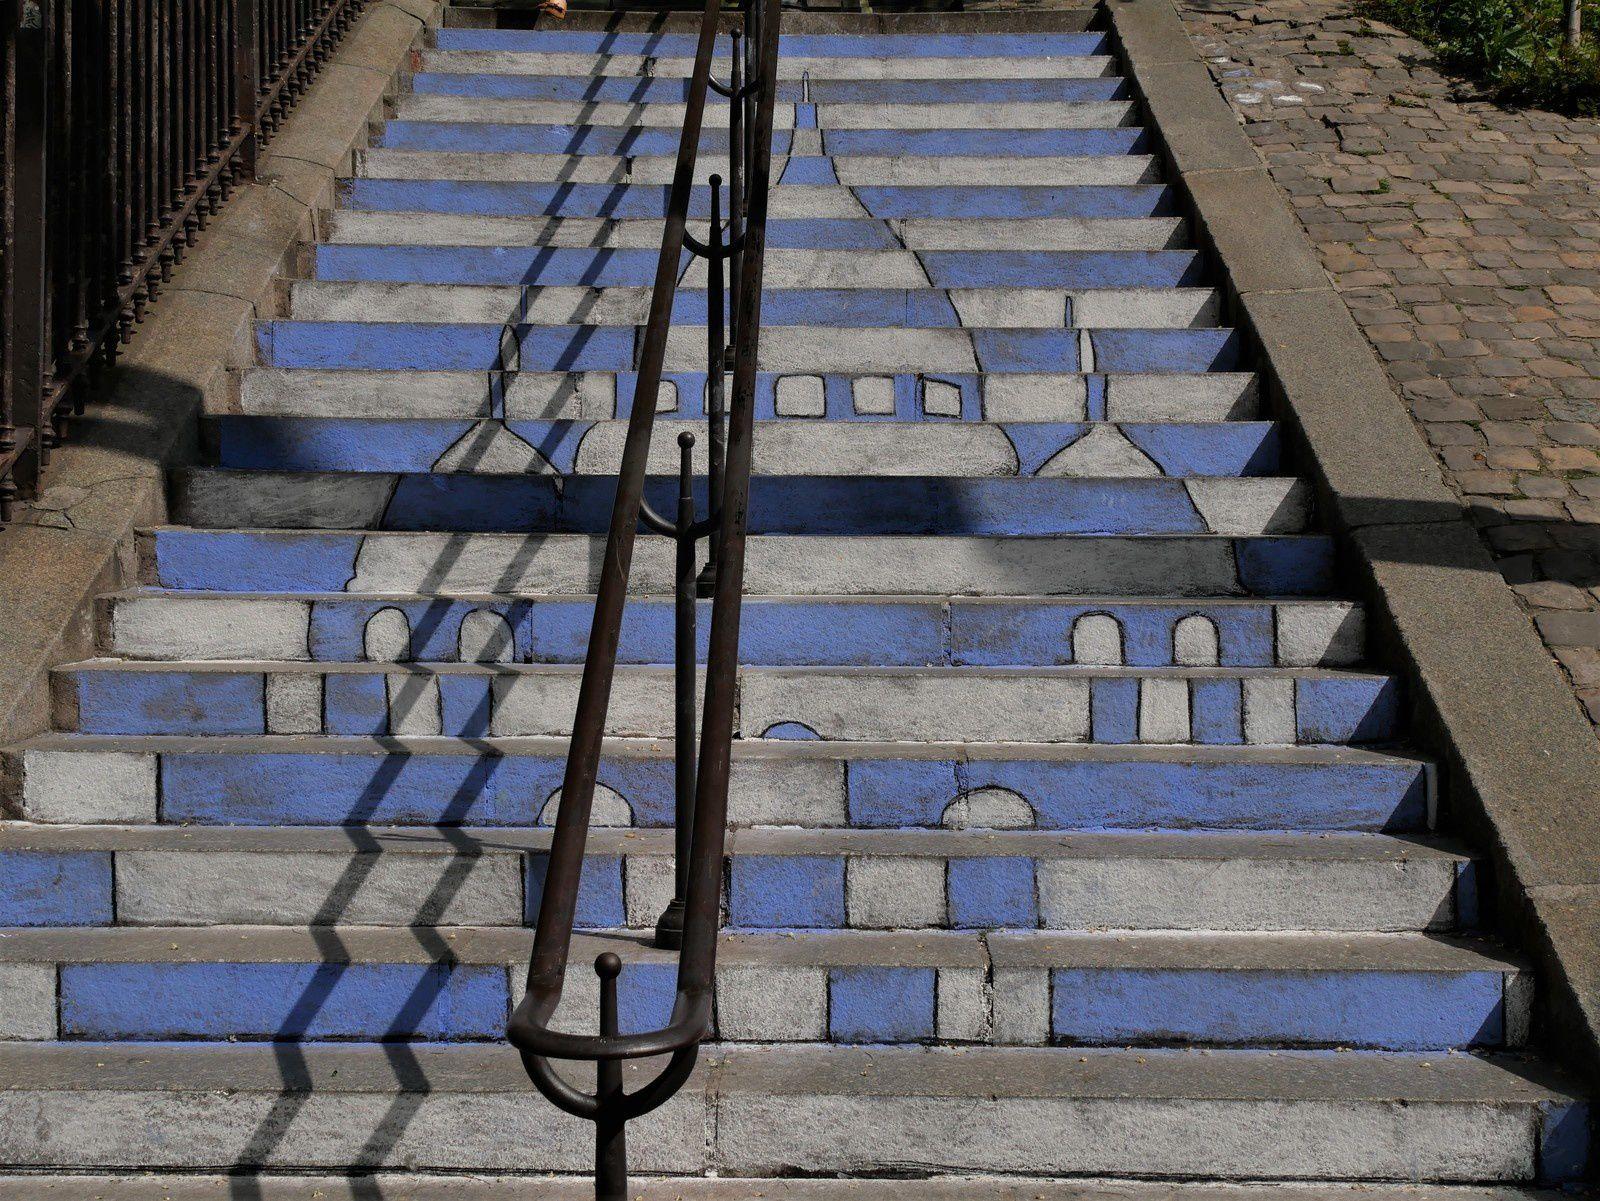 Les escaliers de craie décorés par les enfants des écoles en mai 2019.